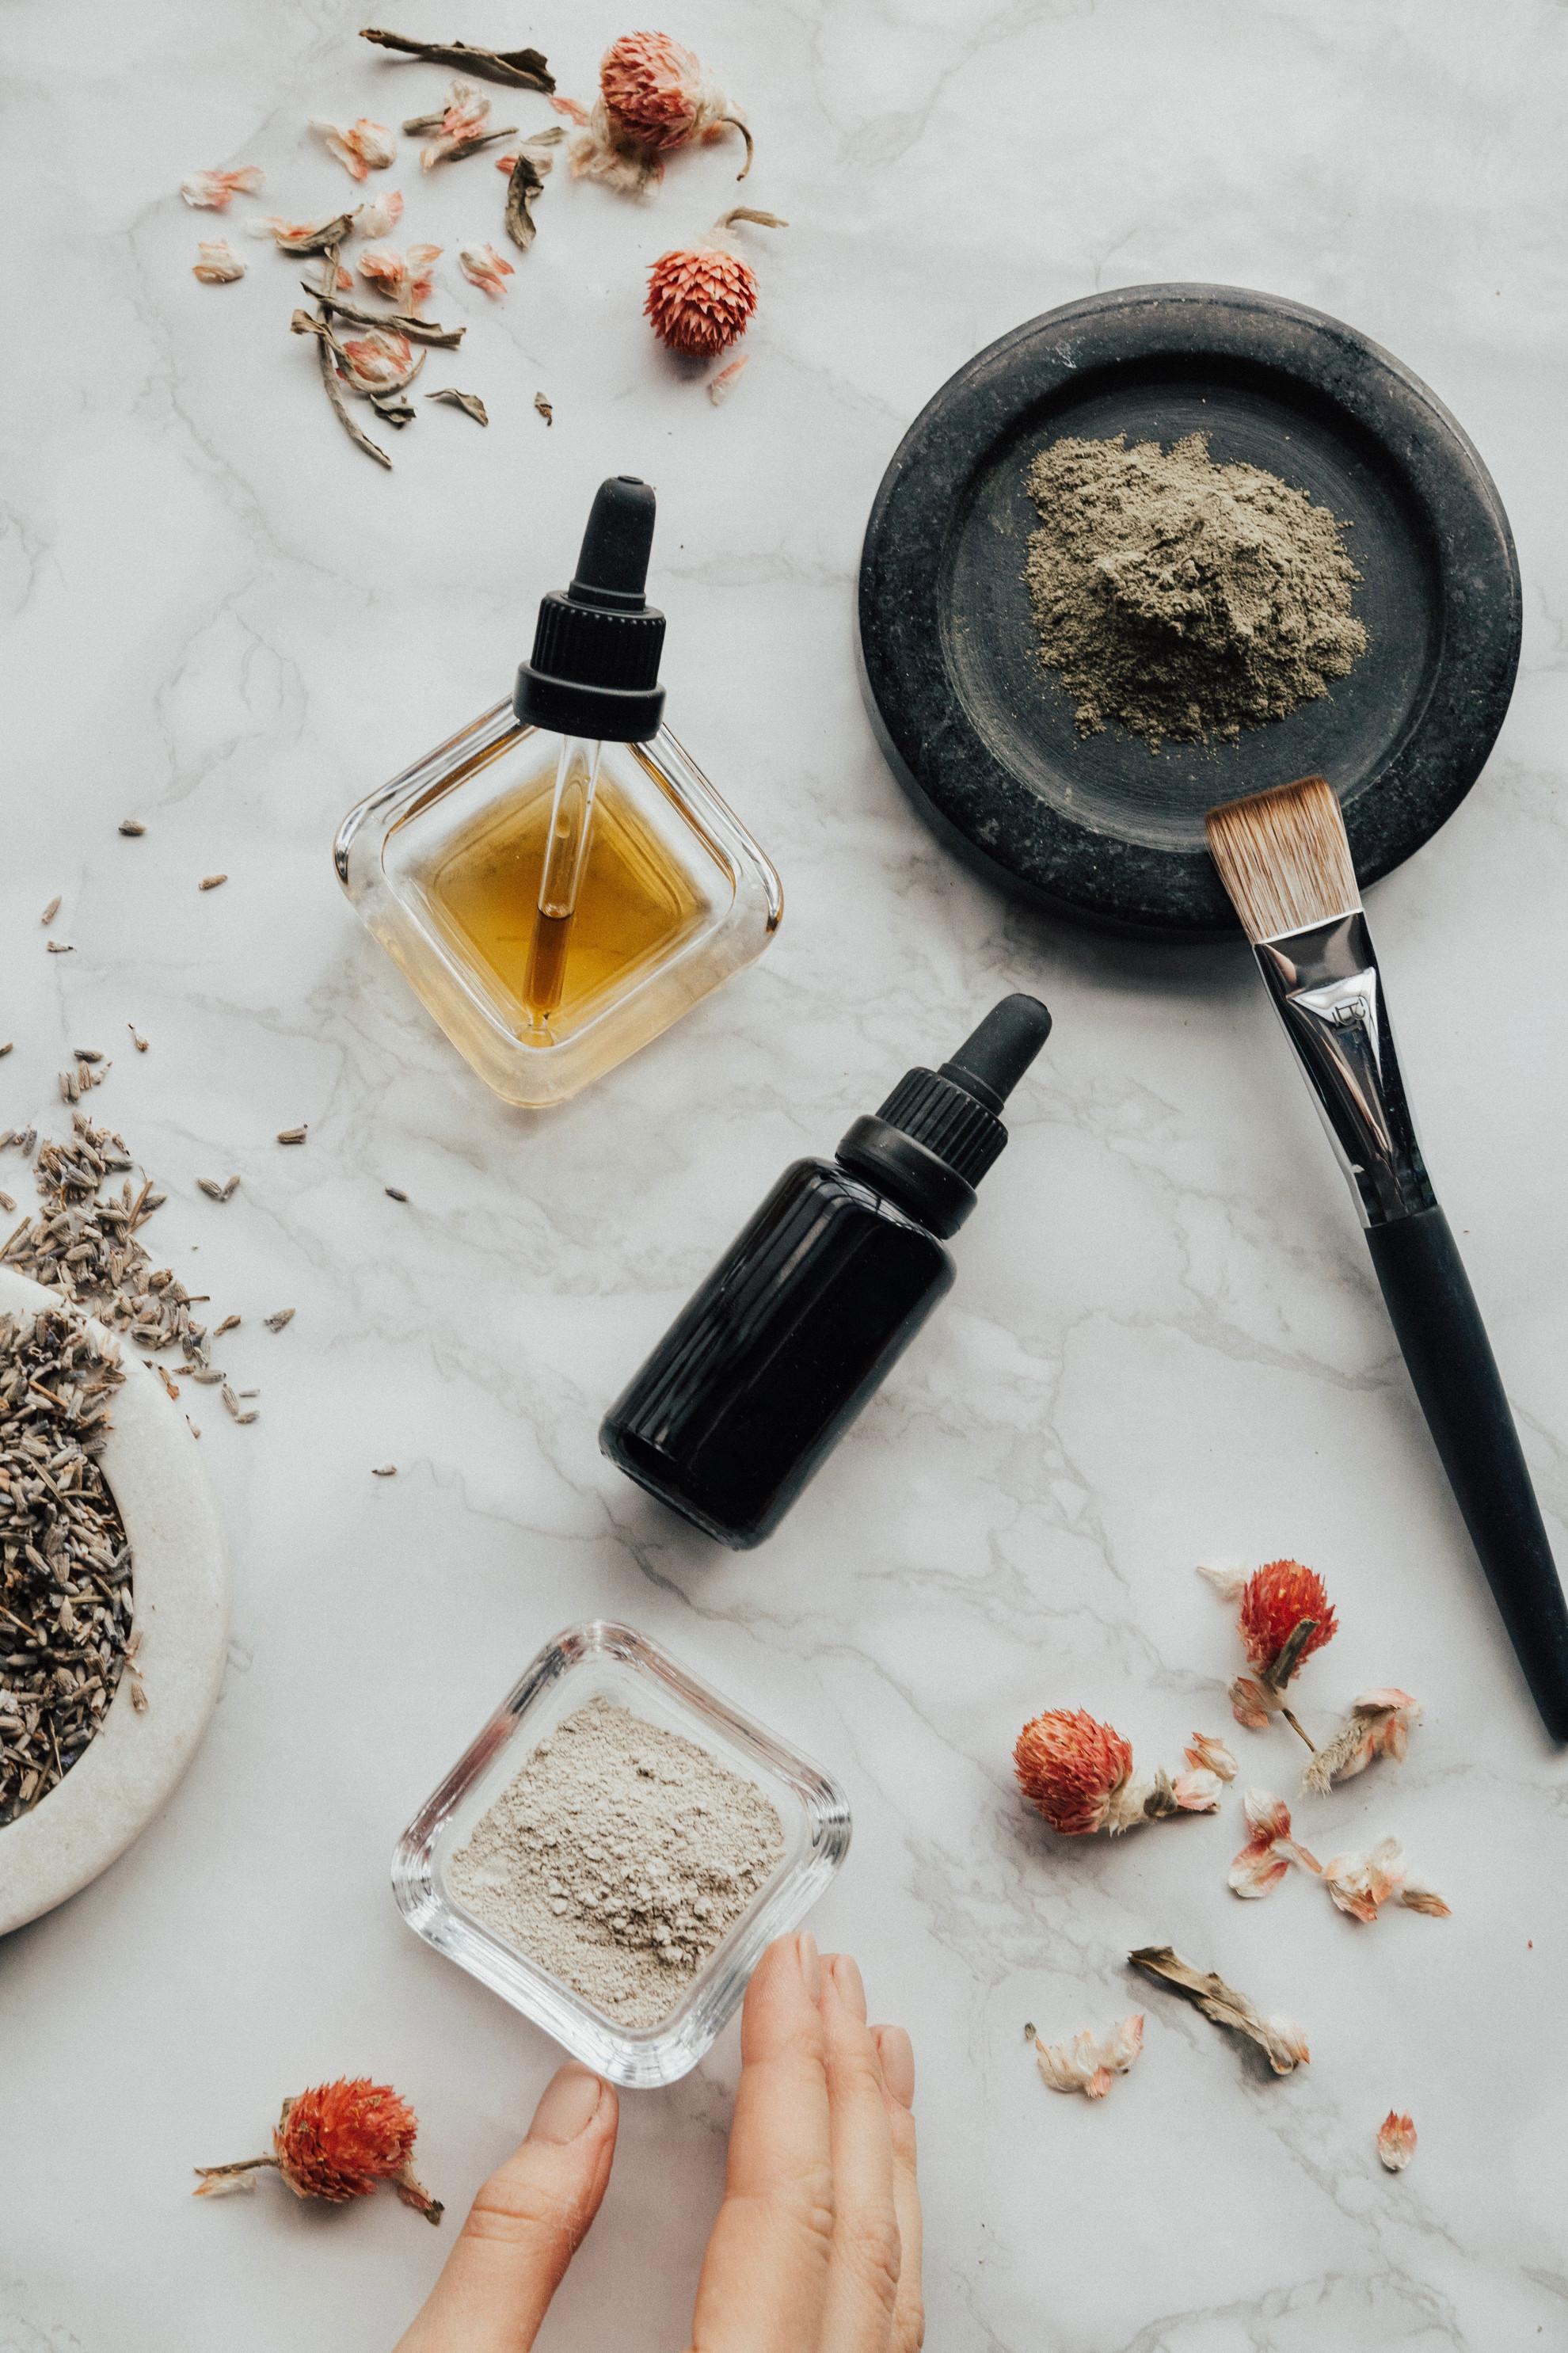 A különböző hatóanyag tartalmú kozmetikumok más-más kiszerelésben találhatóak meg a drogériák polvain